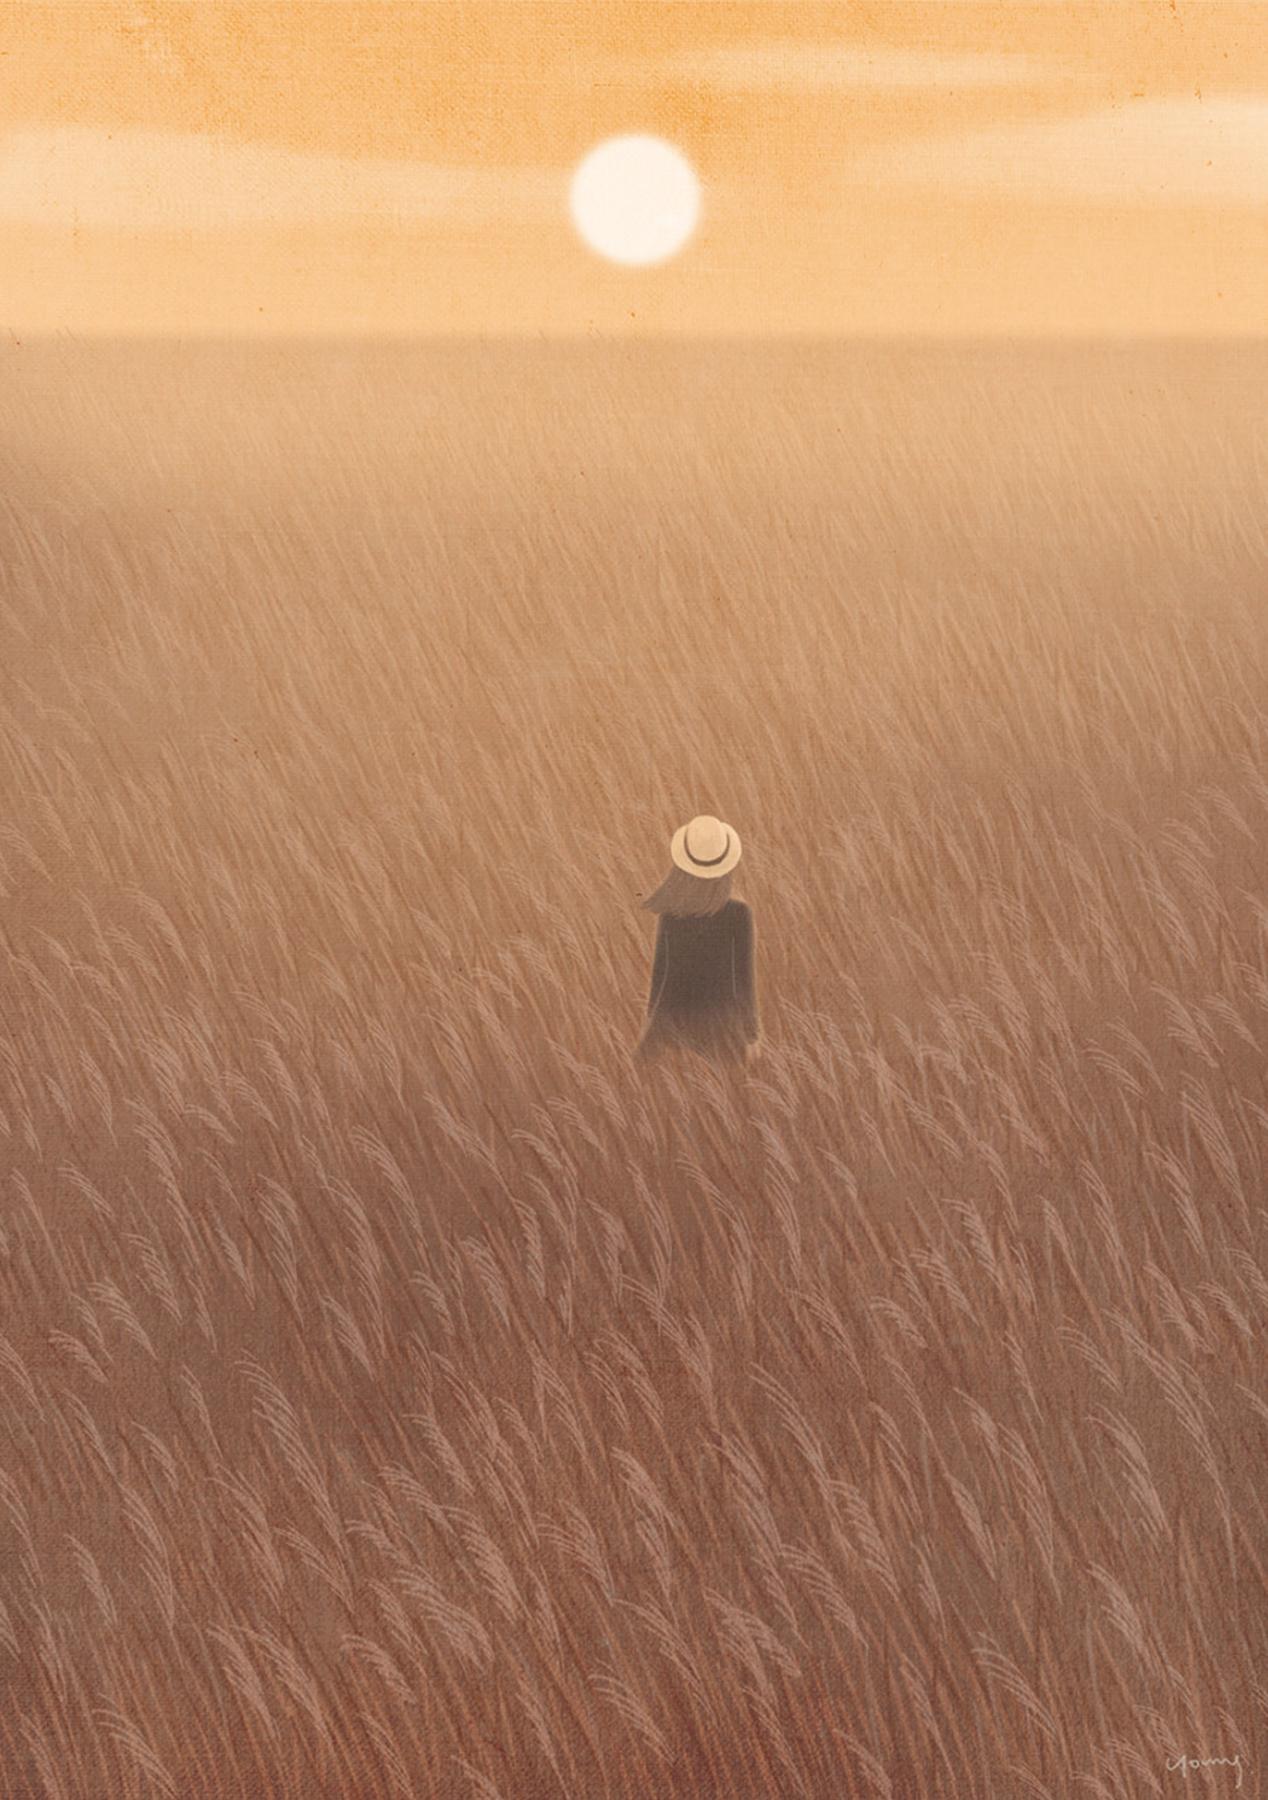 Artwork: #일러스트 # 가을 # 가을빛 # 갈대 # 노을 via grafolio